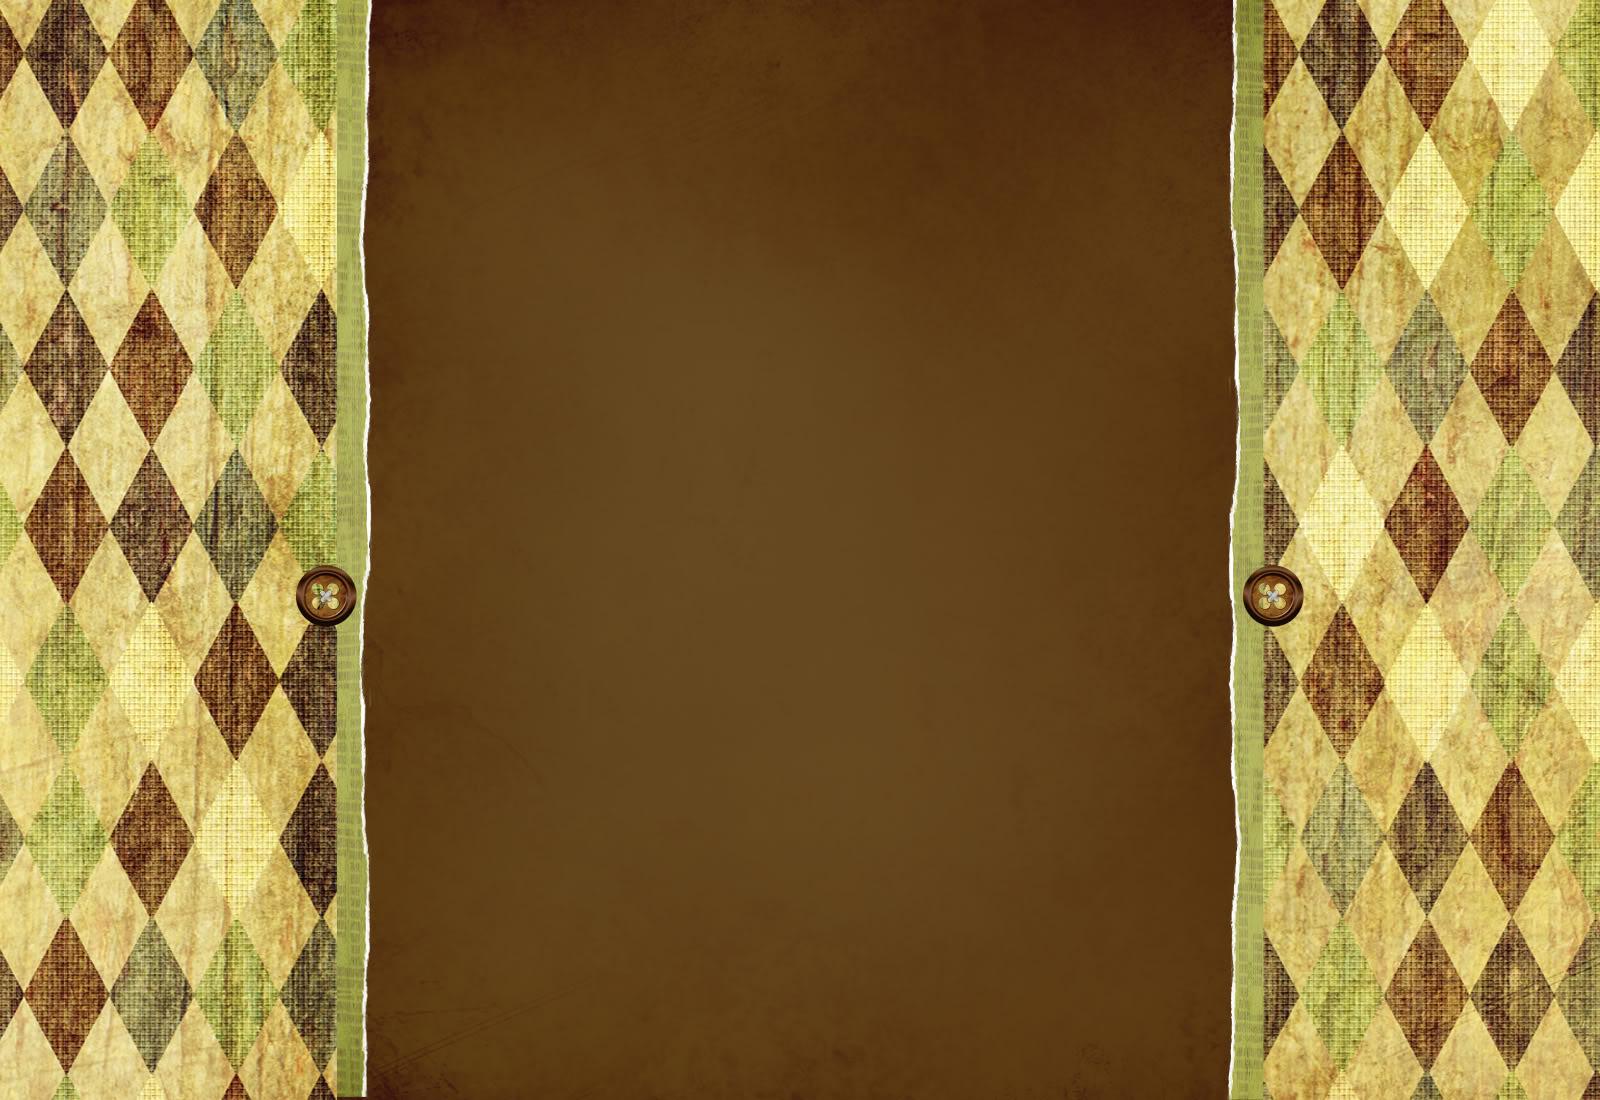 Manly Wallpaper - WallpaperSafari